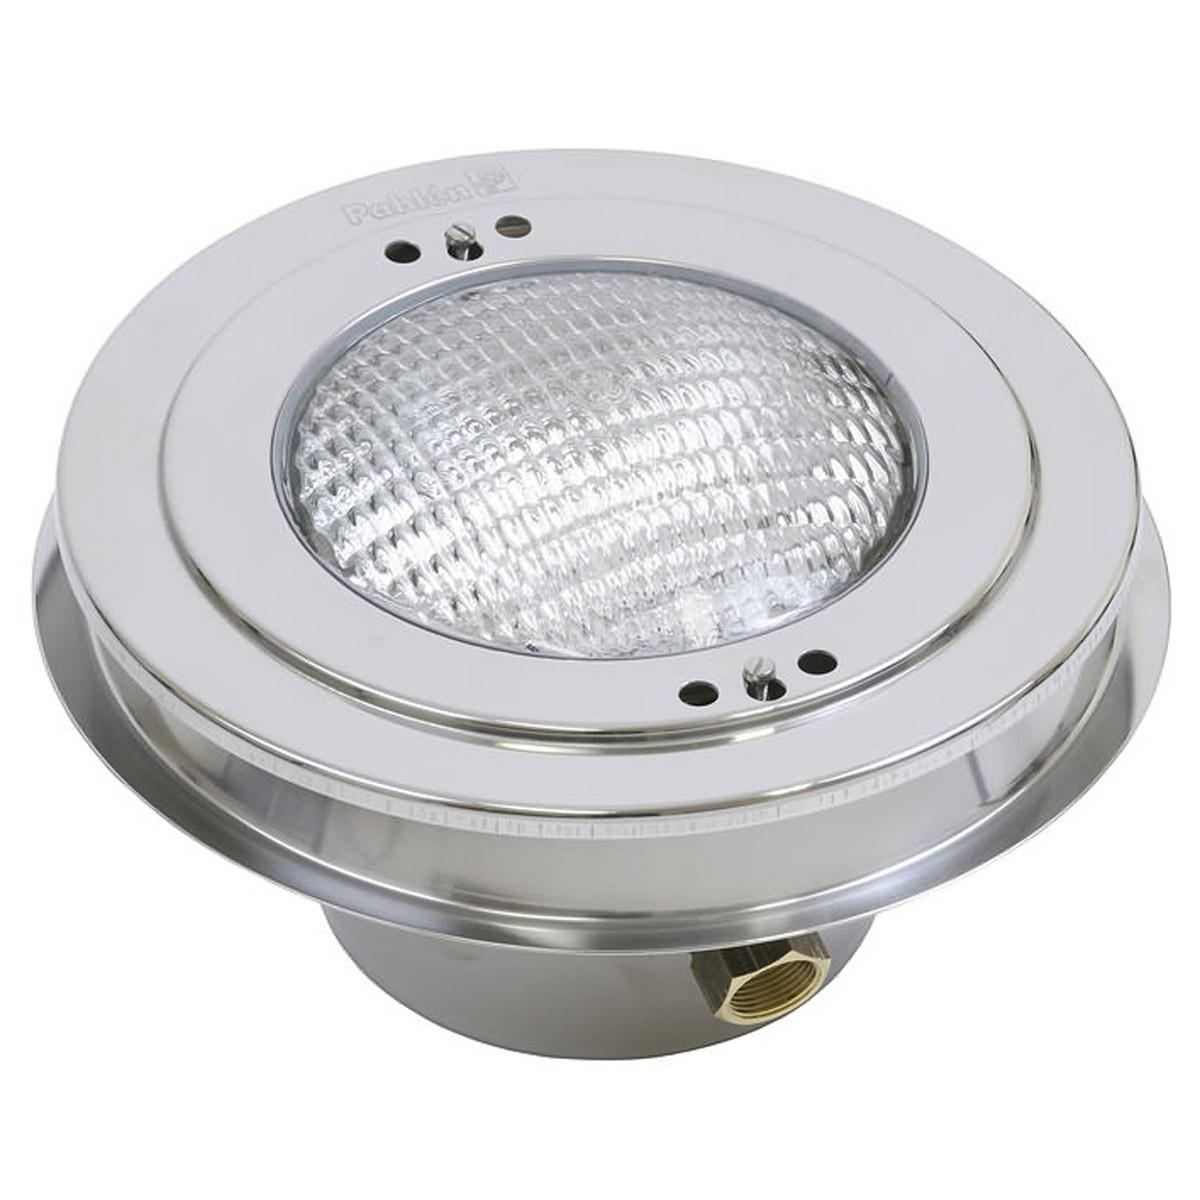 Прожектор галогенный Pahlen 300 Вт (под бетон)